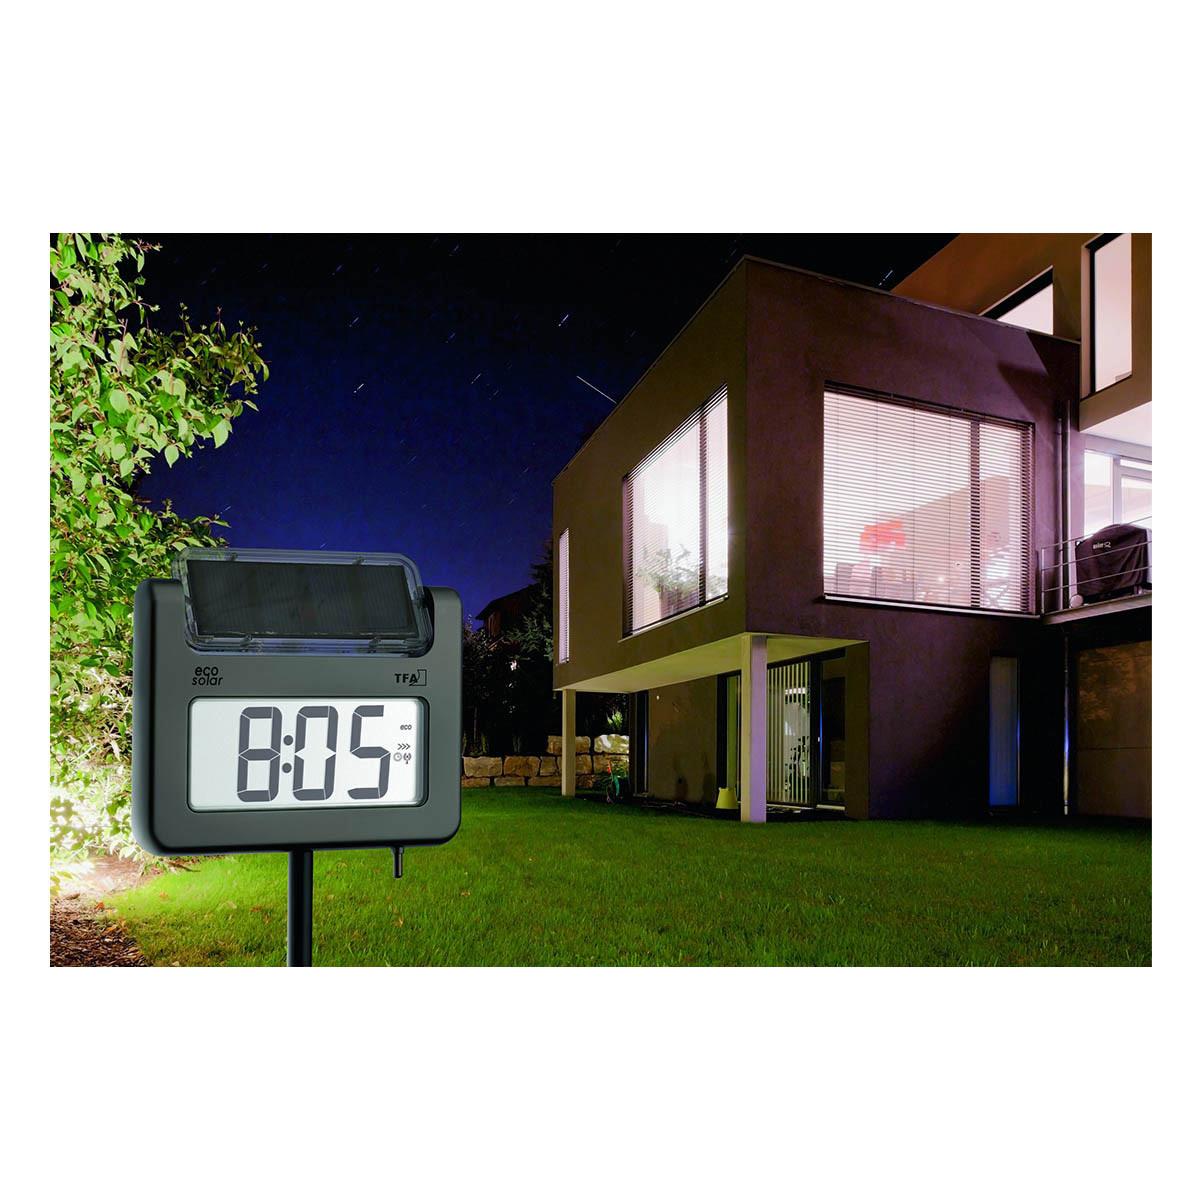 30-2030-54-digitales-gartenthermometer-mit-solarbeleuchtung-und-funkuhr-avenue-plus-anwendung-1200x1200px.jpg